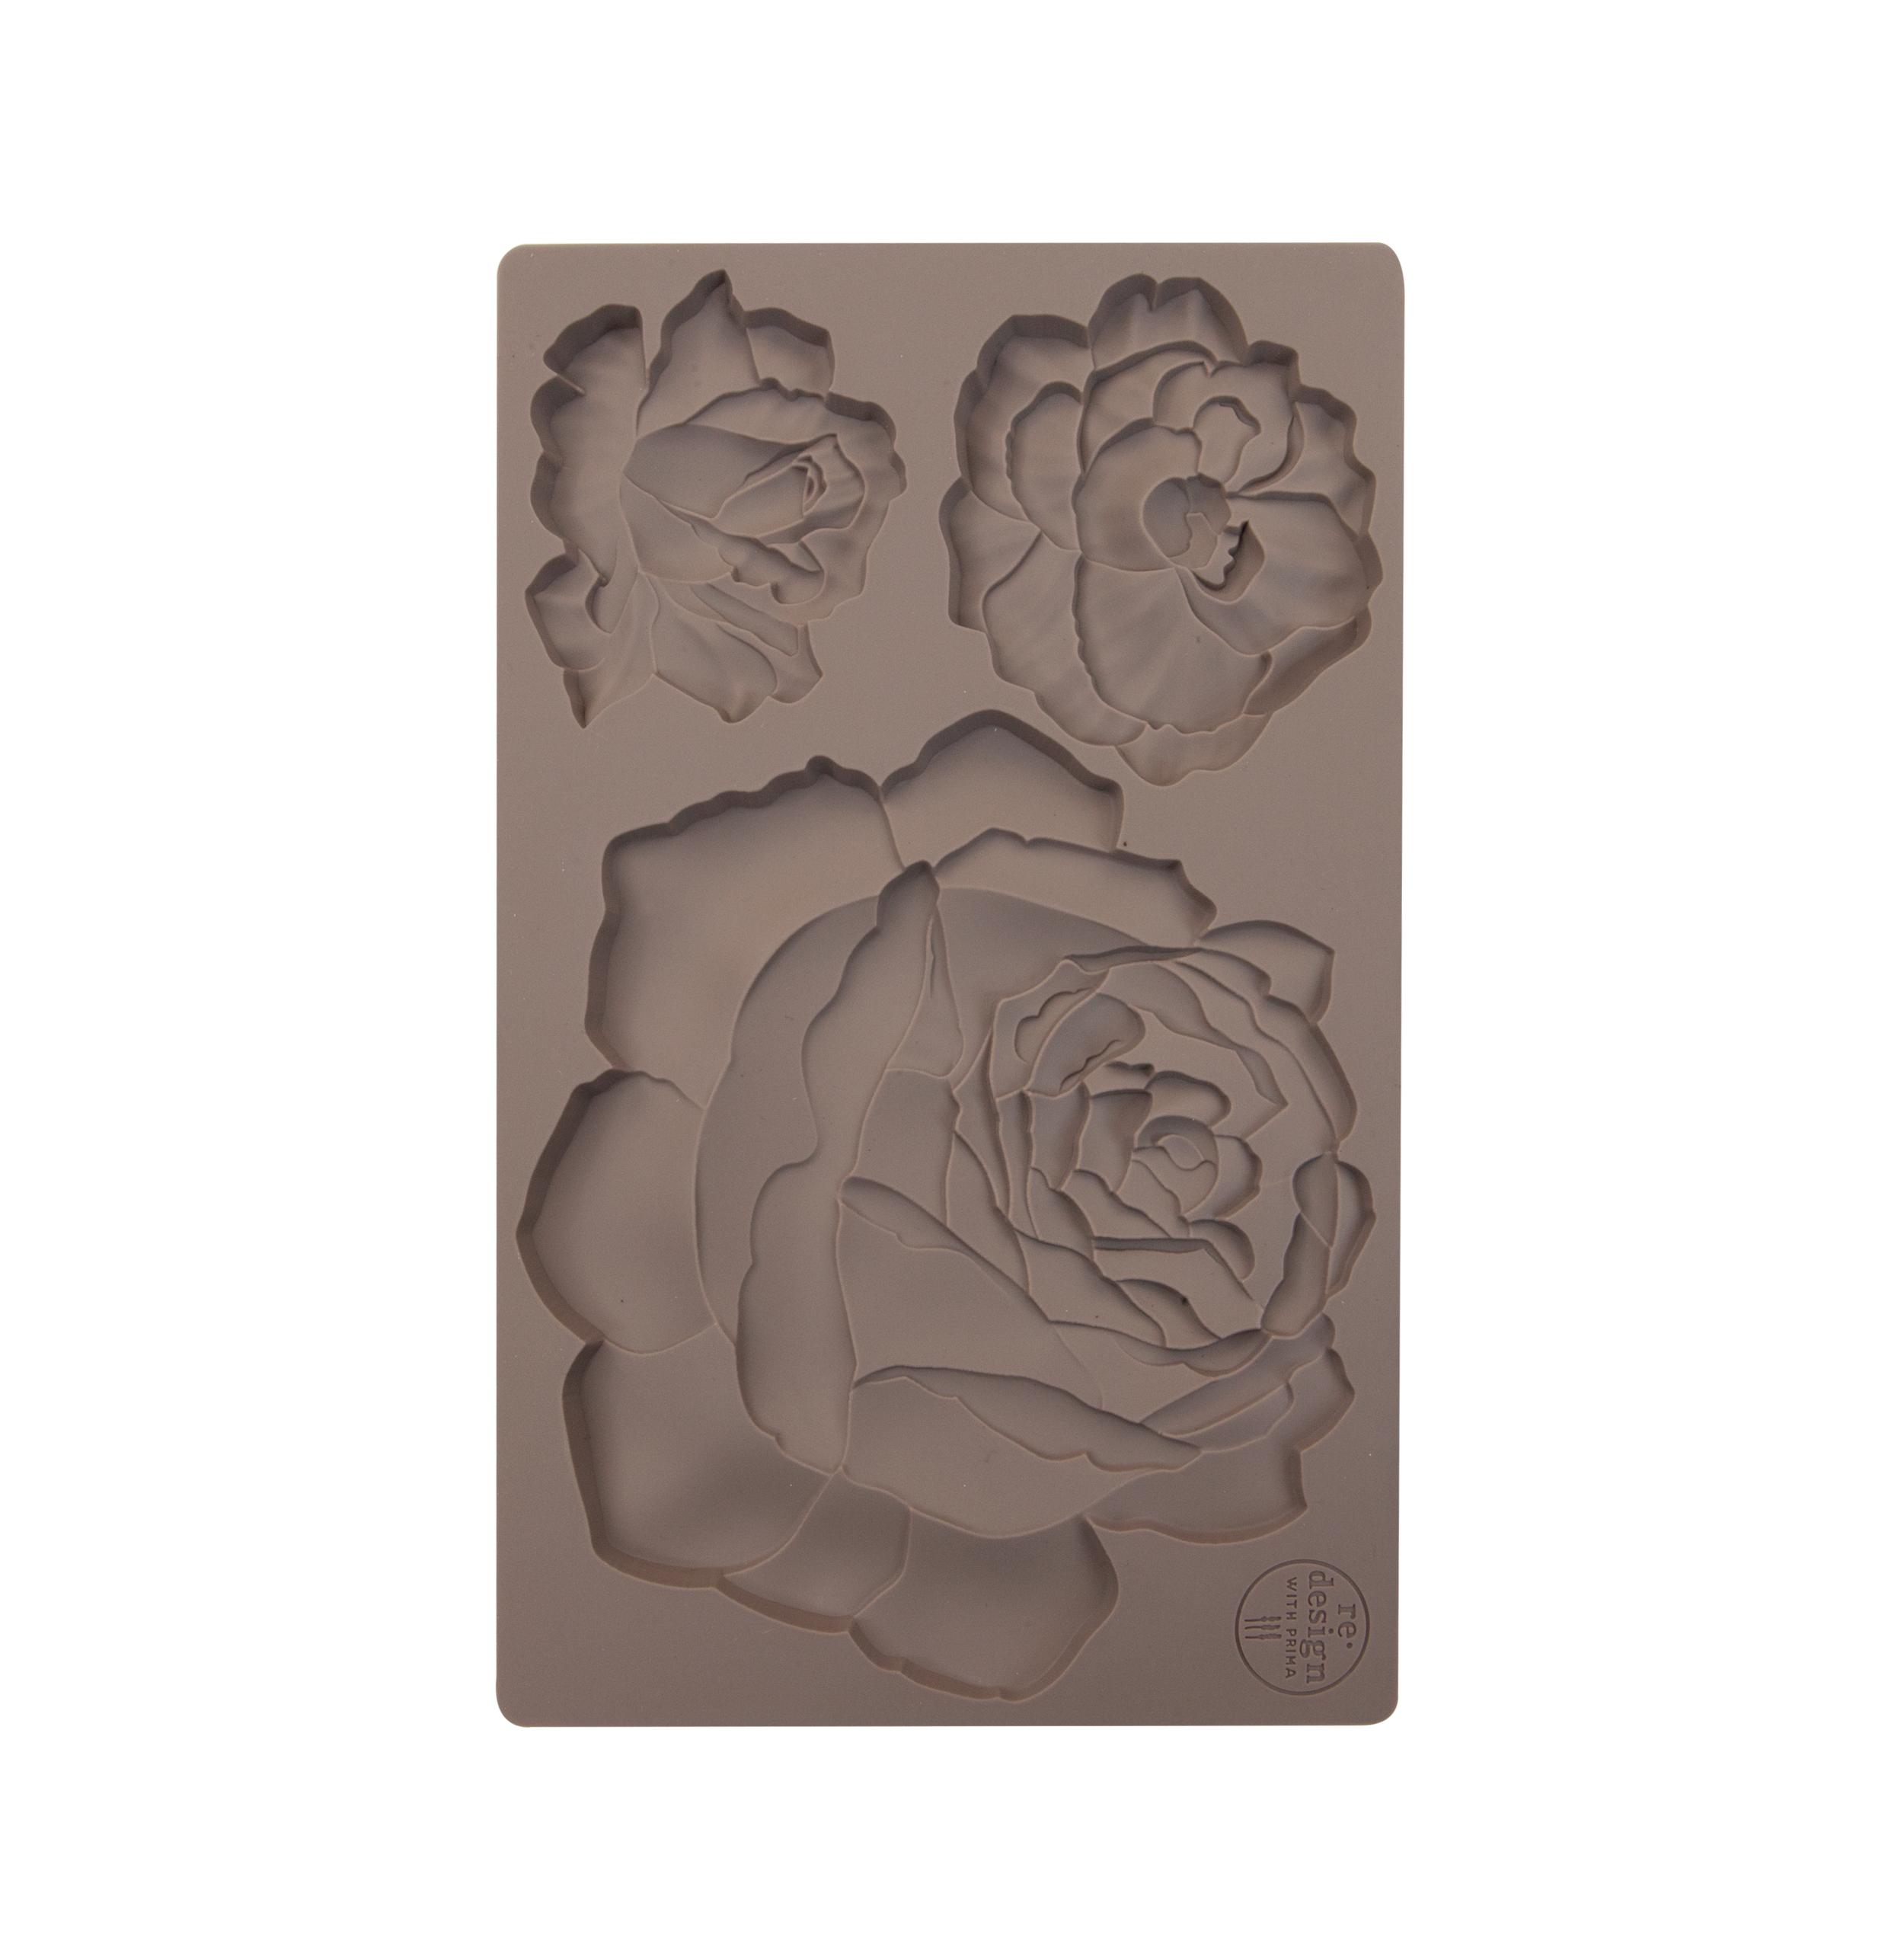 640989 - Etruscan Rose